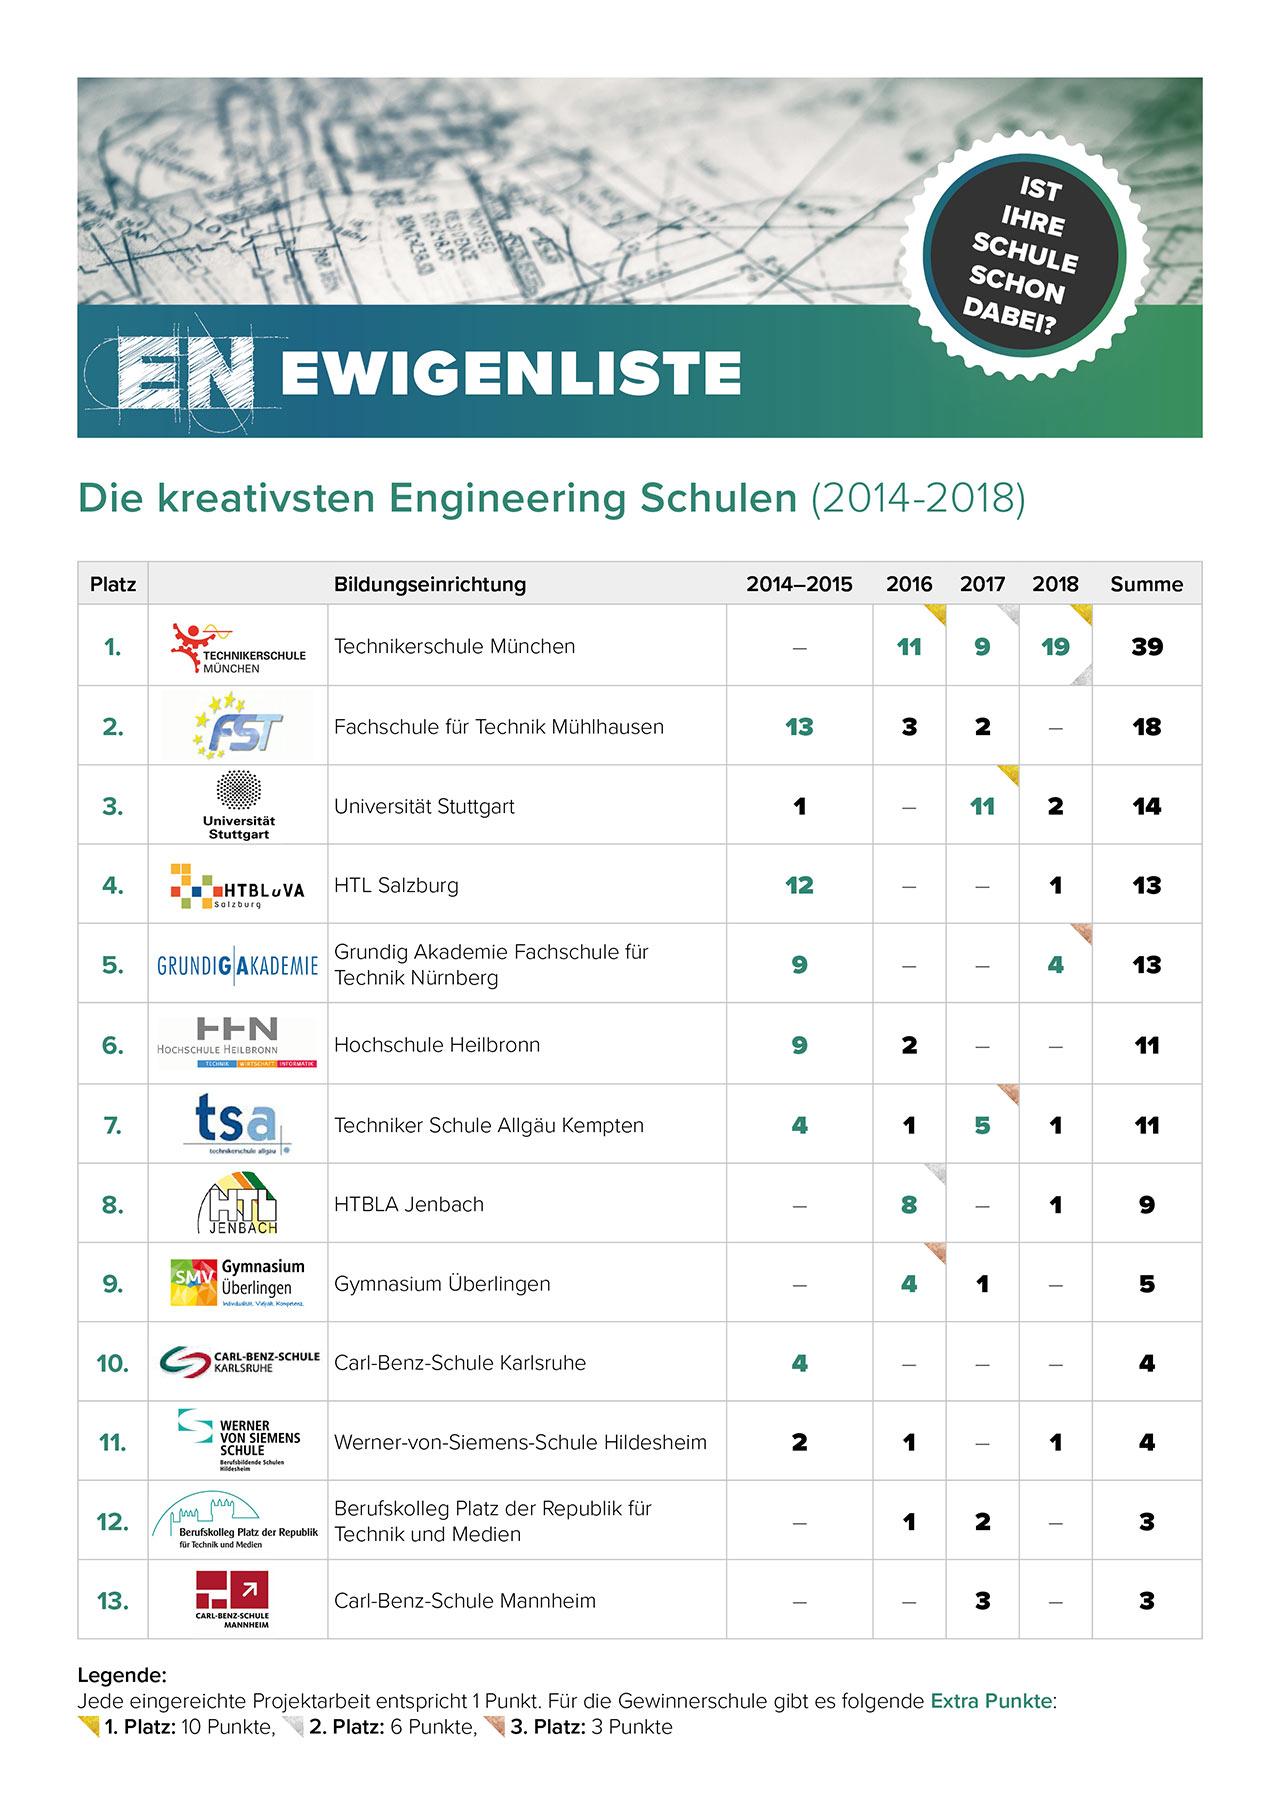 EN Ranking 2014-2018